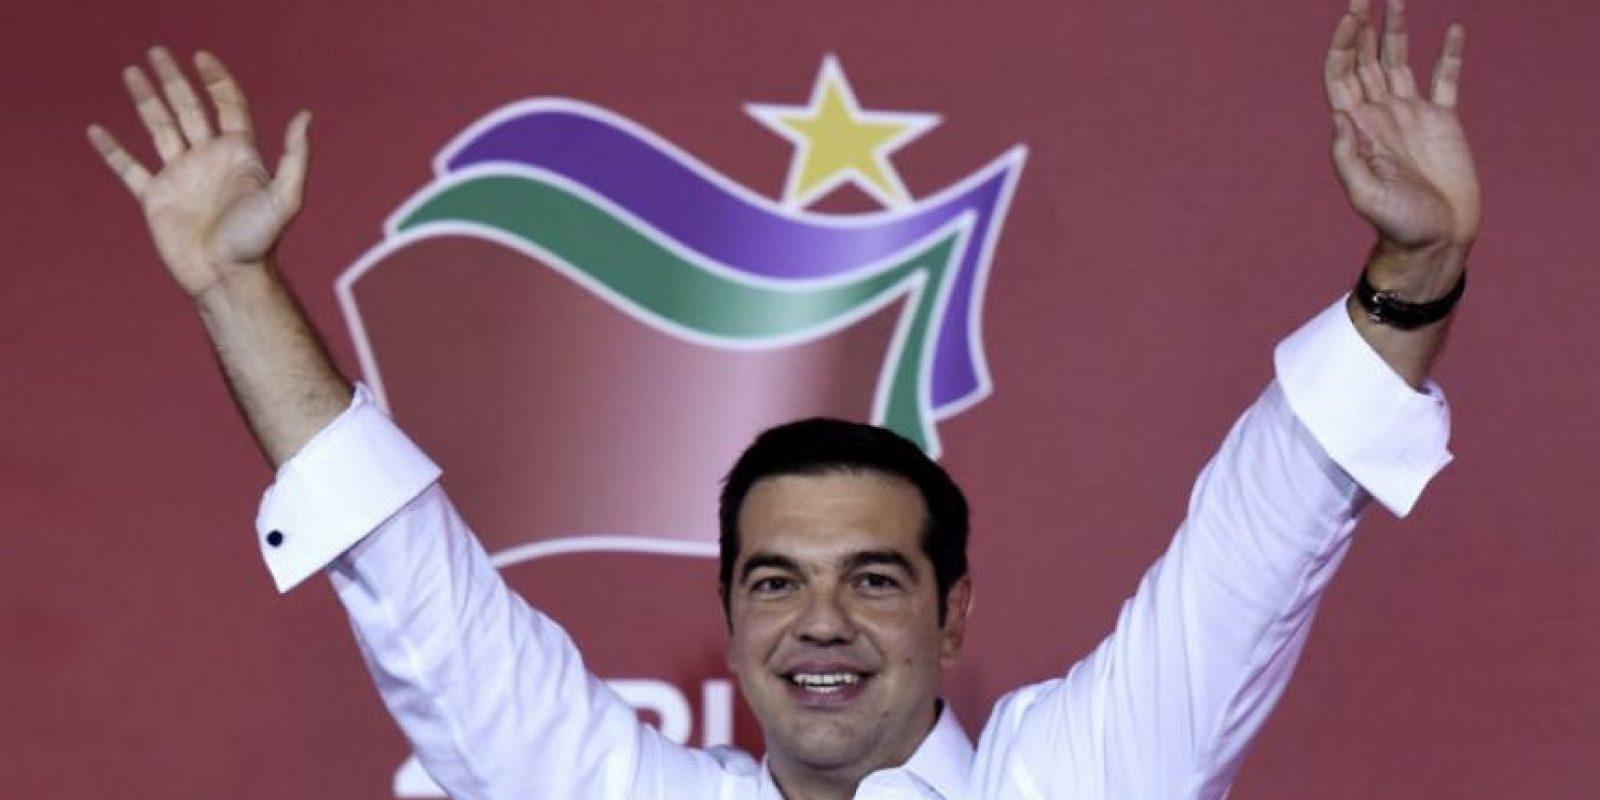 Sin embargo tras su renuncia gano su reelección con el 35 por ciento de los votos, o sea 144 escaños en el Congreso. Foto:AFP